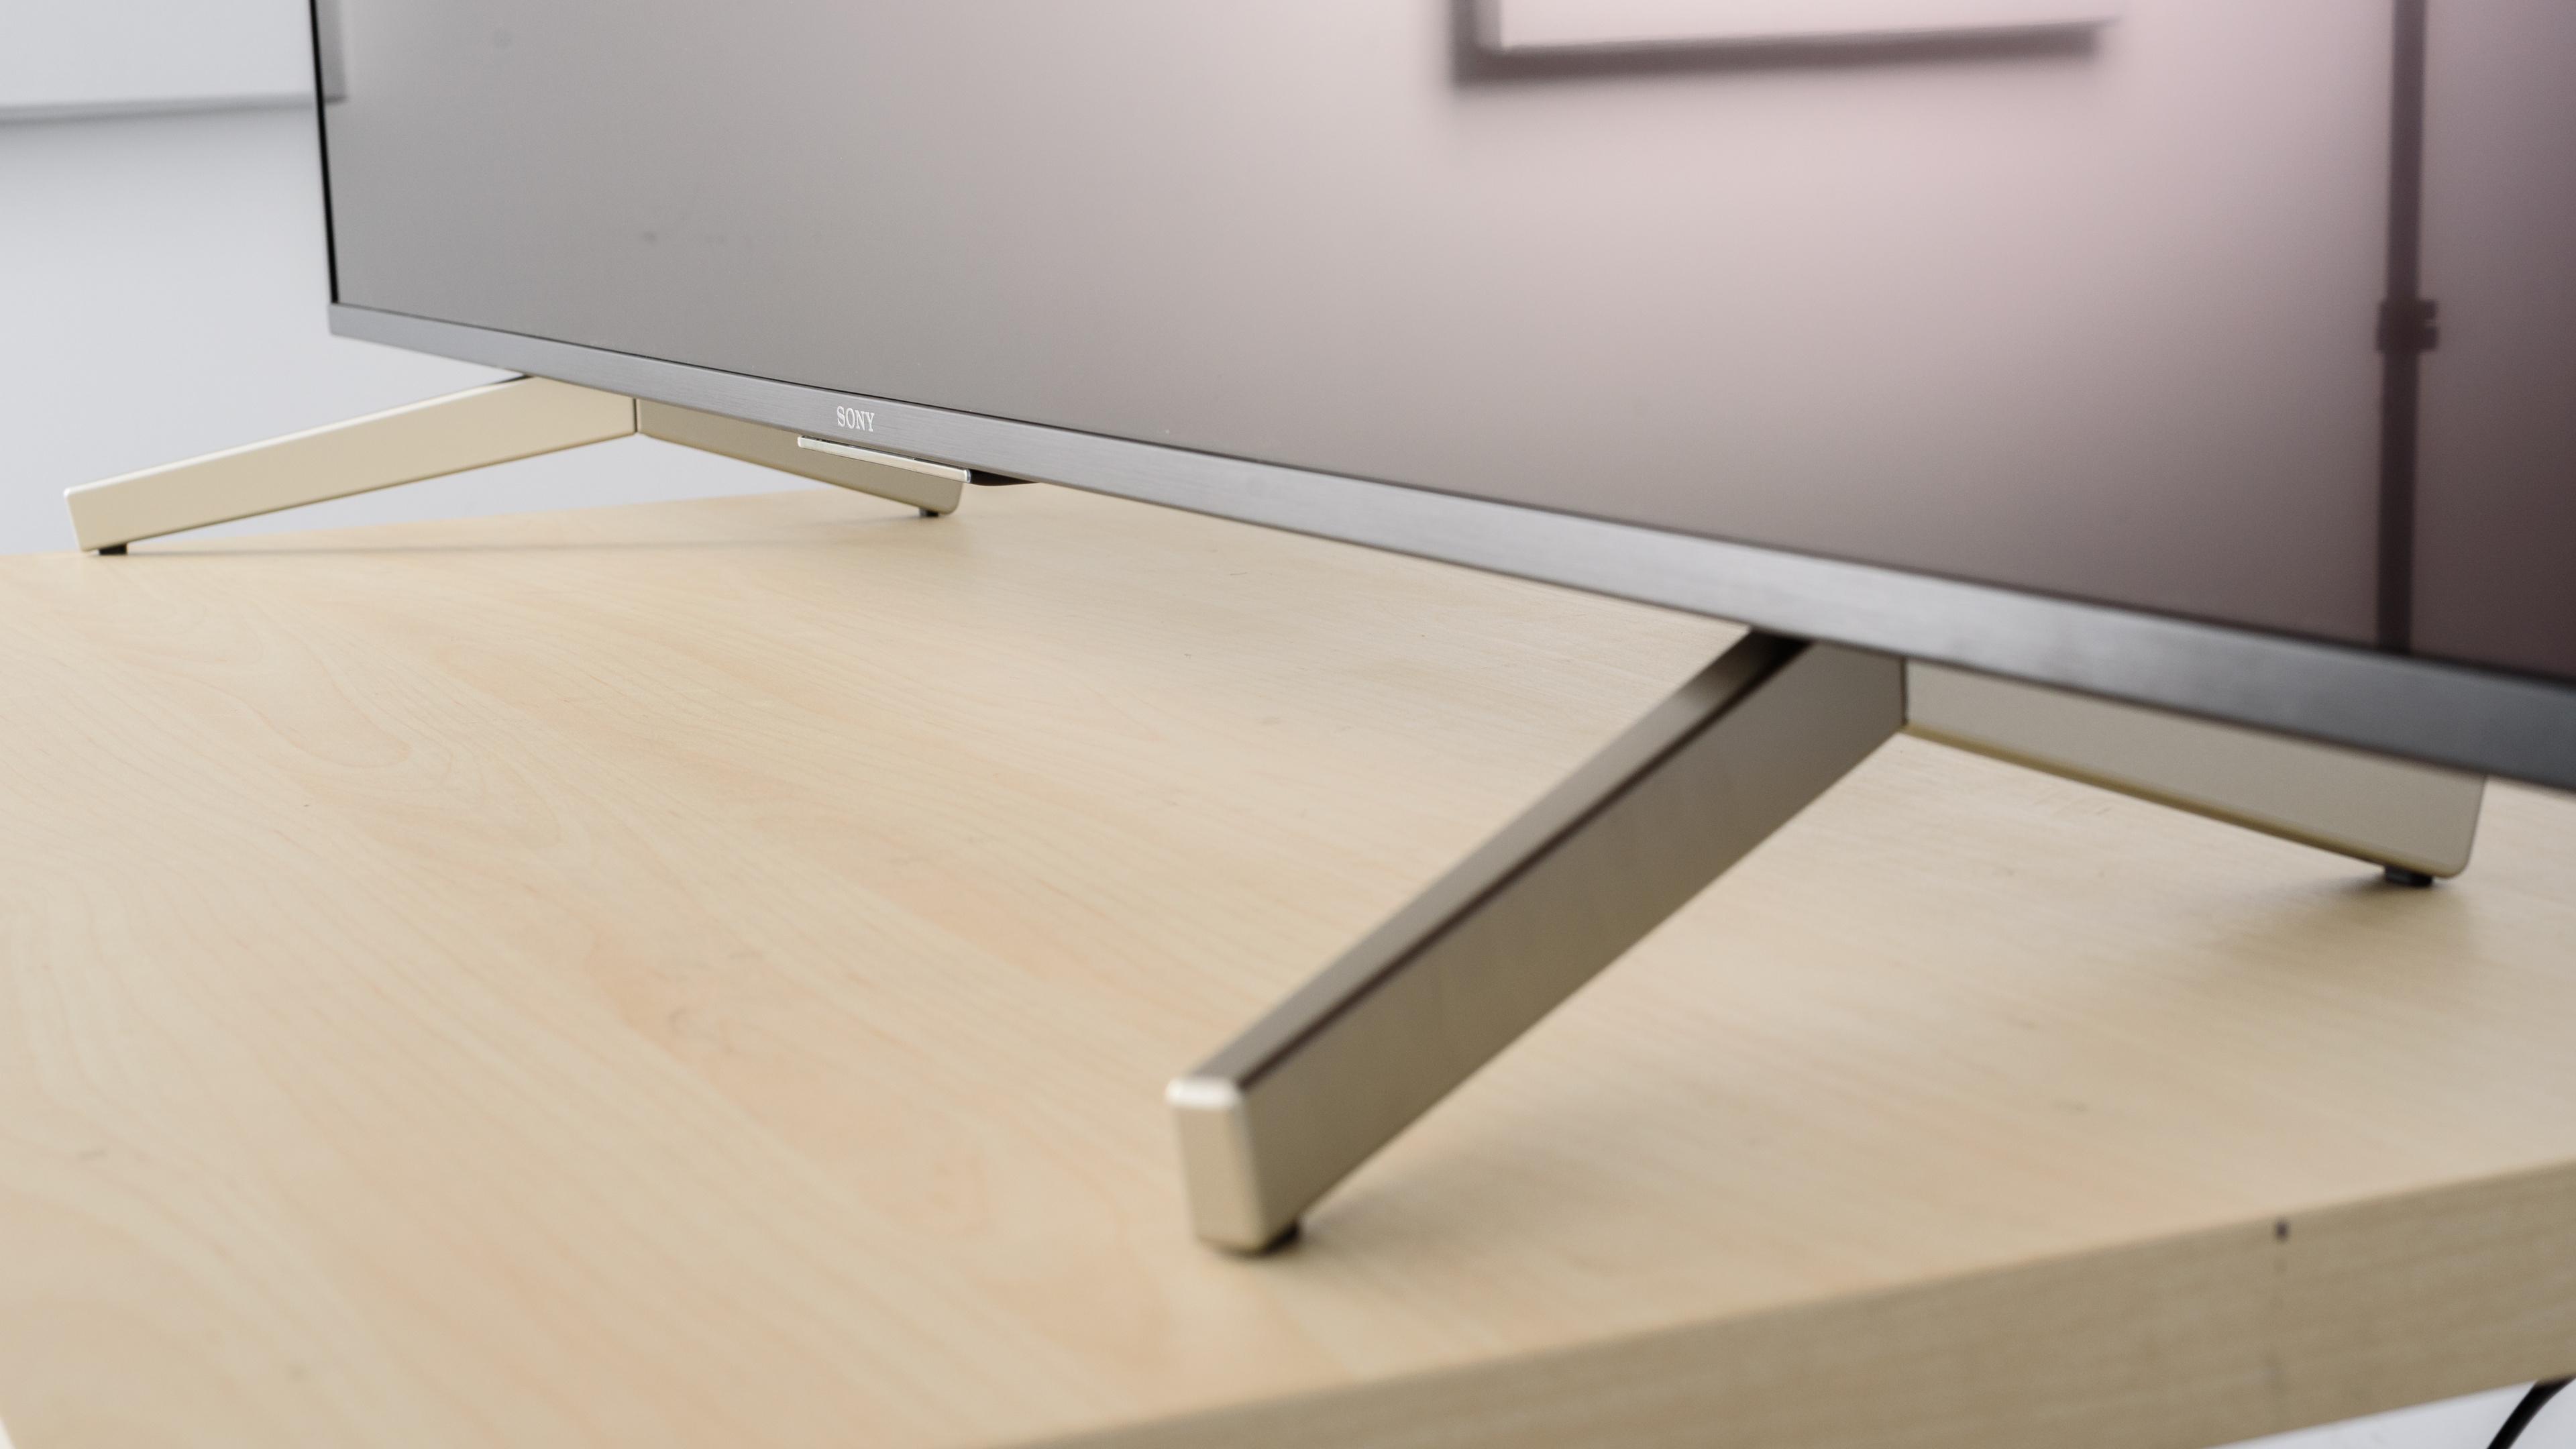 Sony X850F Review (Xbr65X850F, Xbr75X850F, Xbr85X850F) - Rtings throughout Caden 63 Inch Tv Stands (Image 20 of 30)